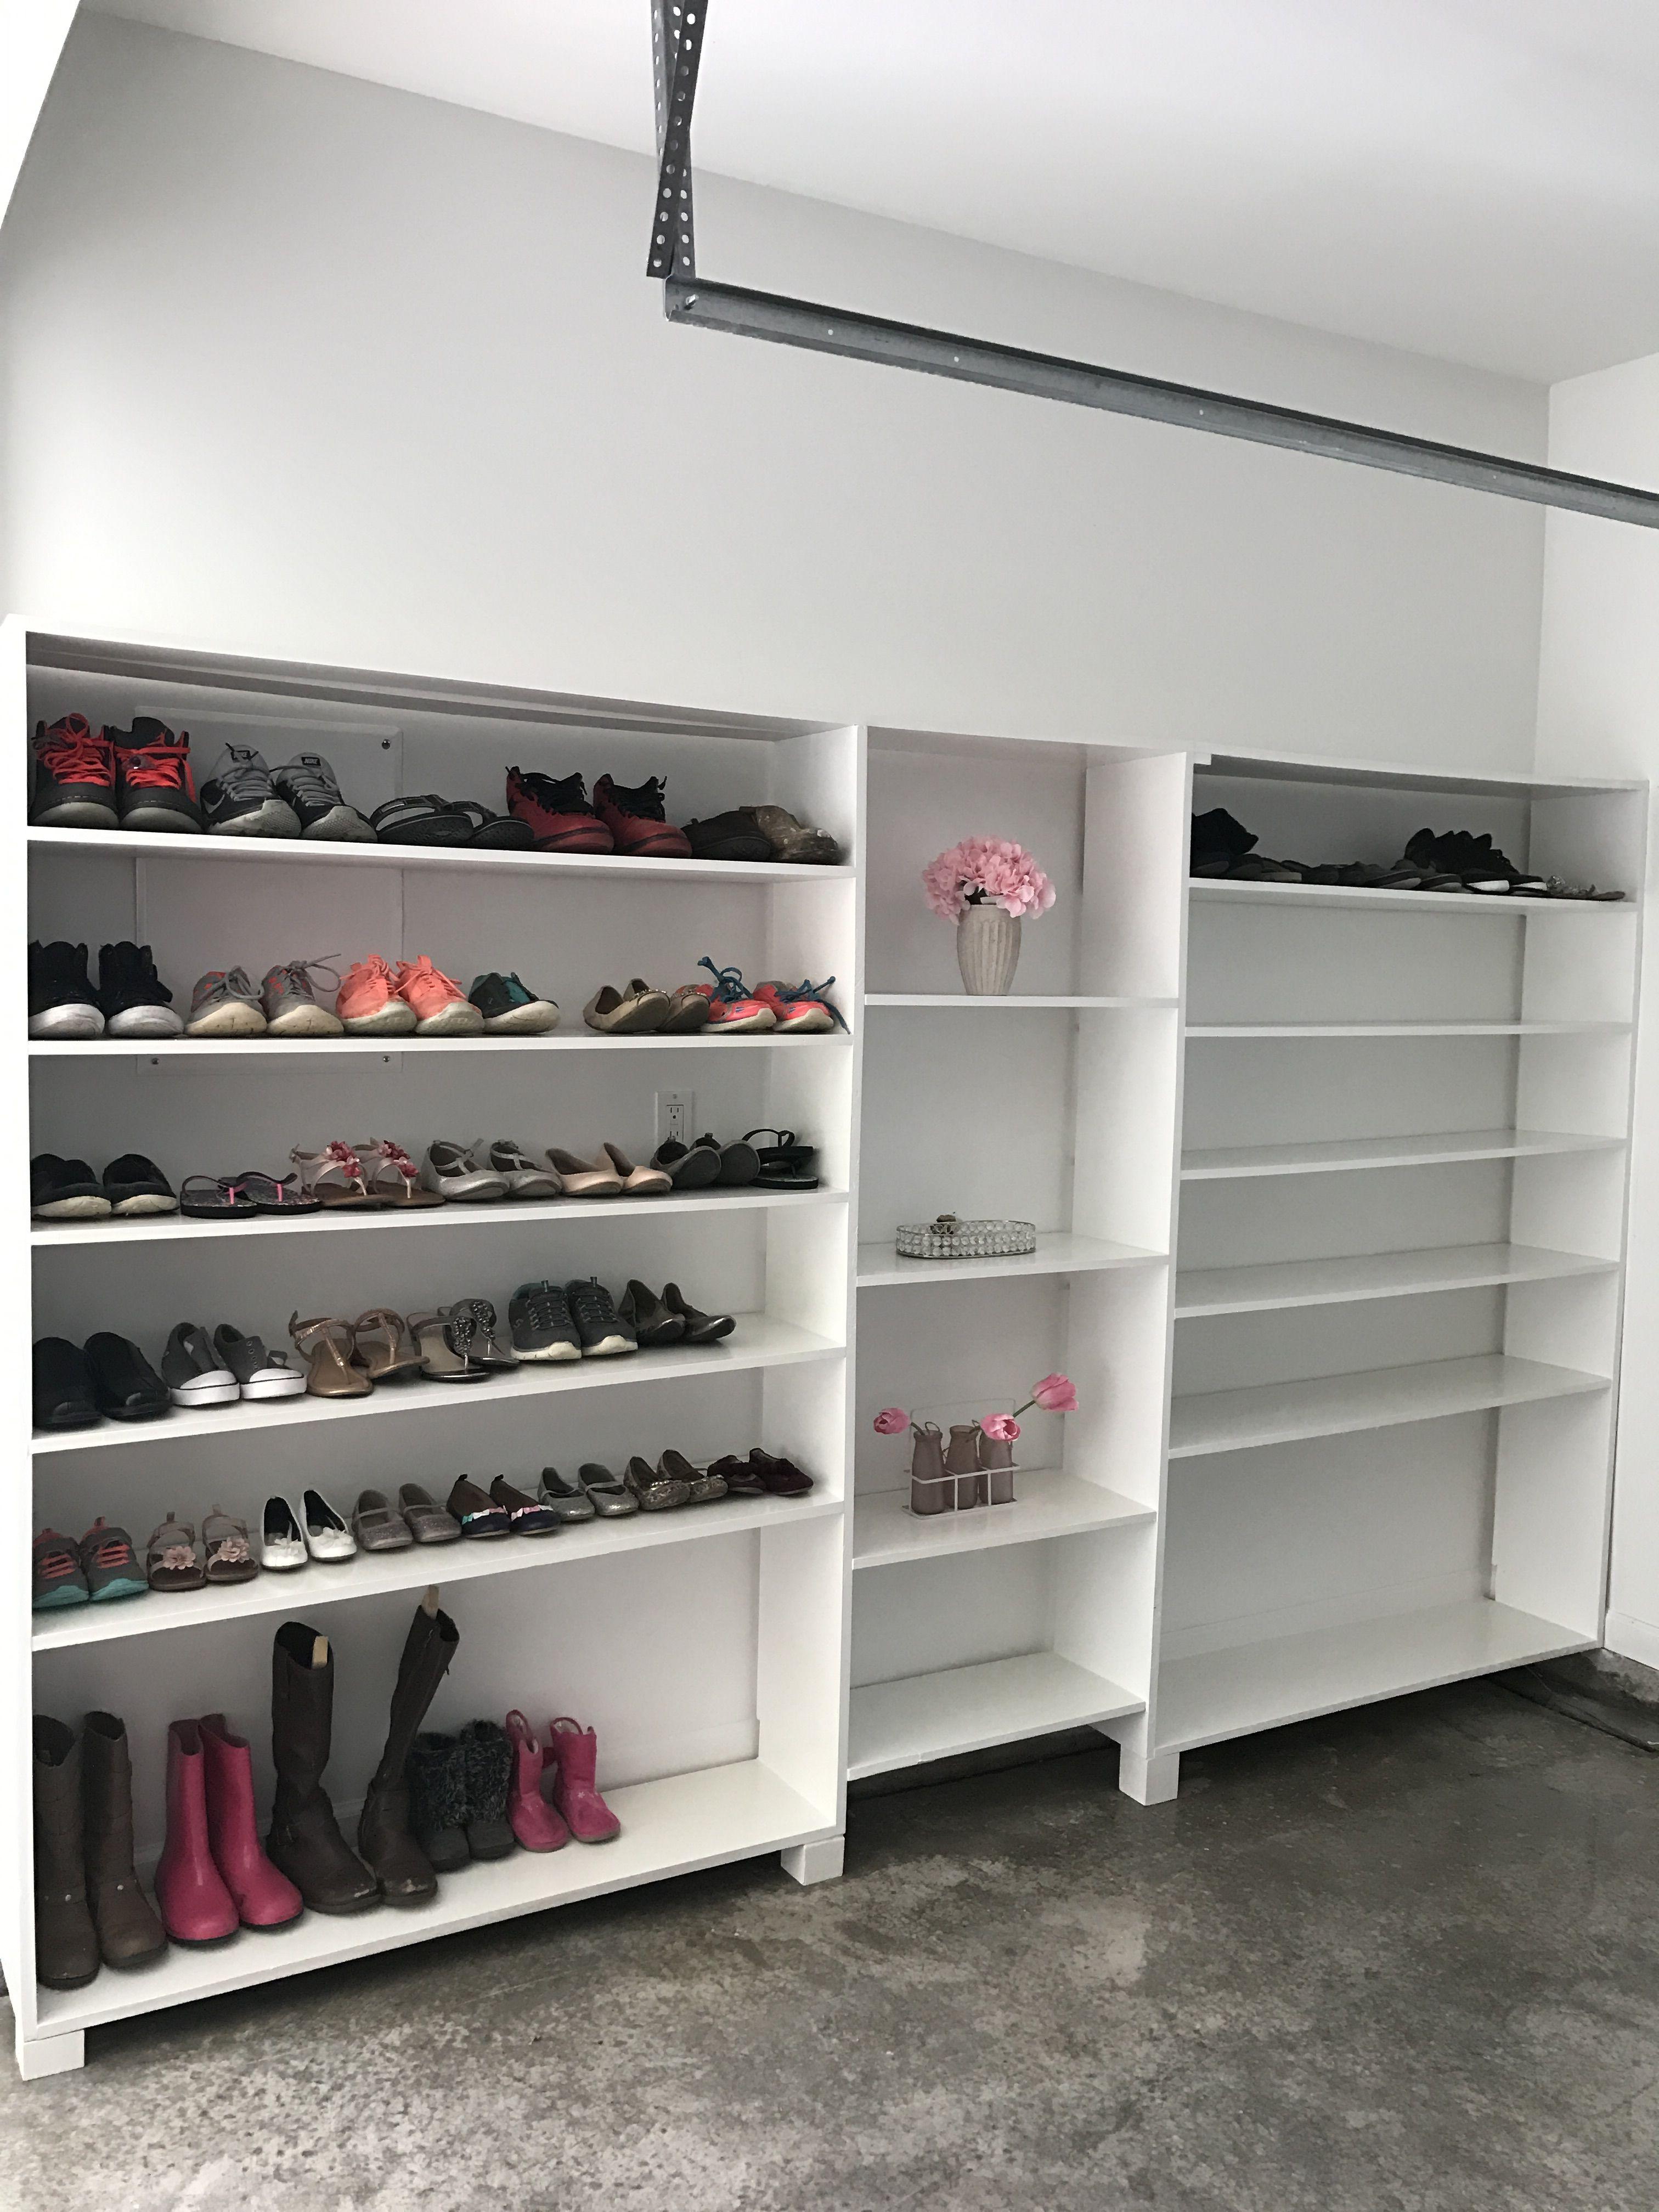 Shoe Storage In Garage Wildest Dreams